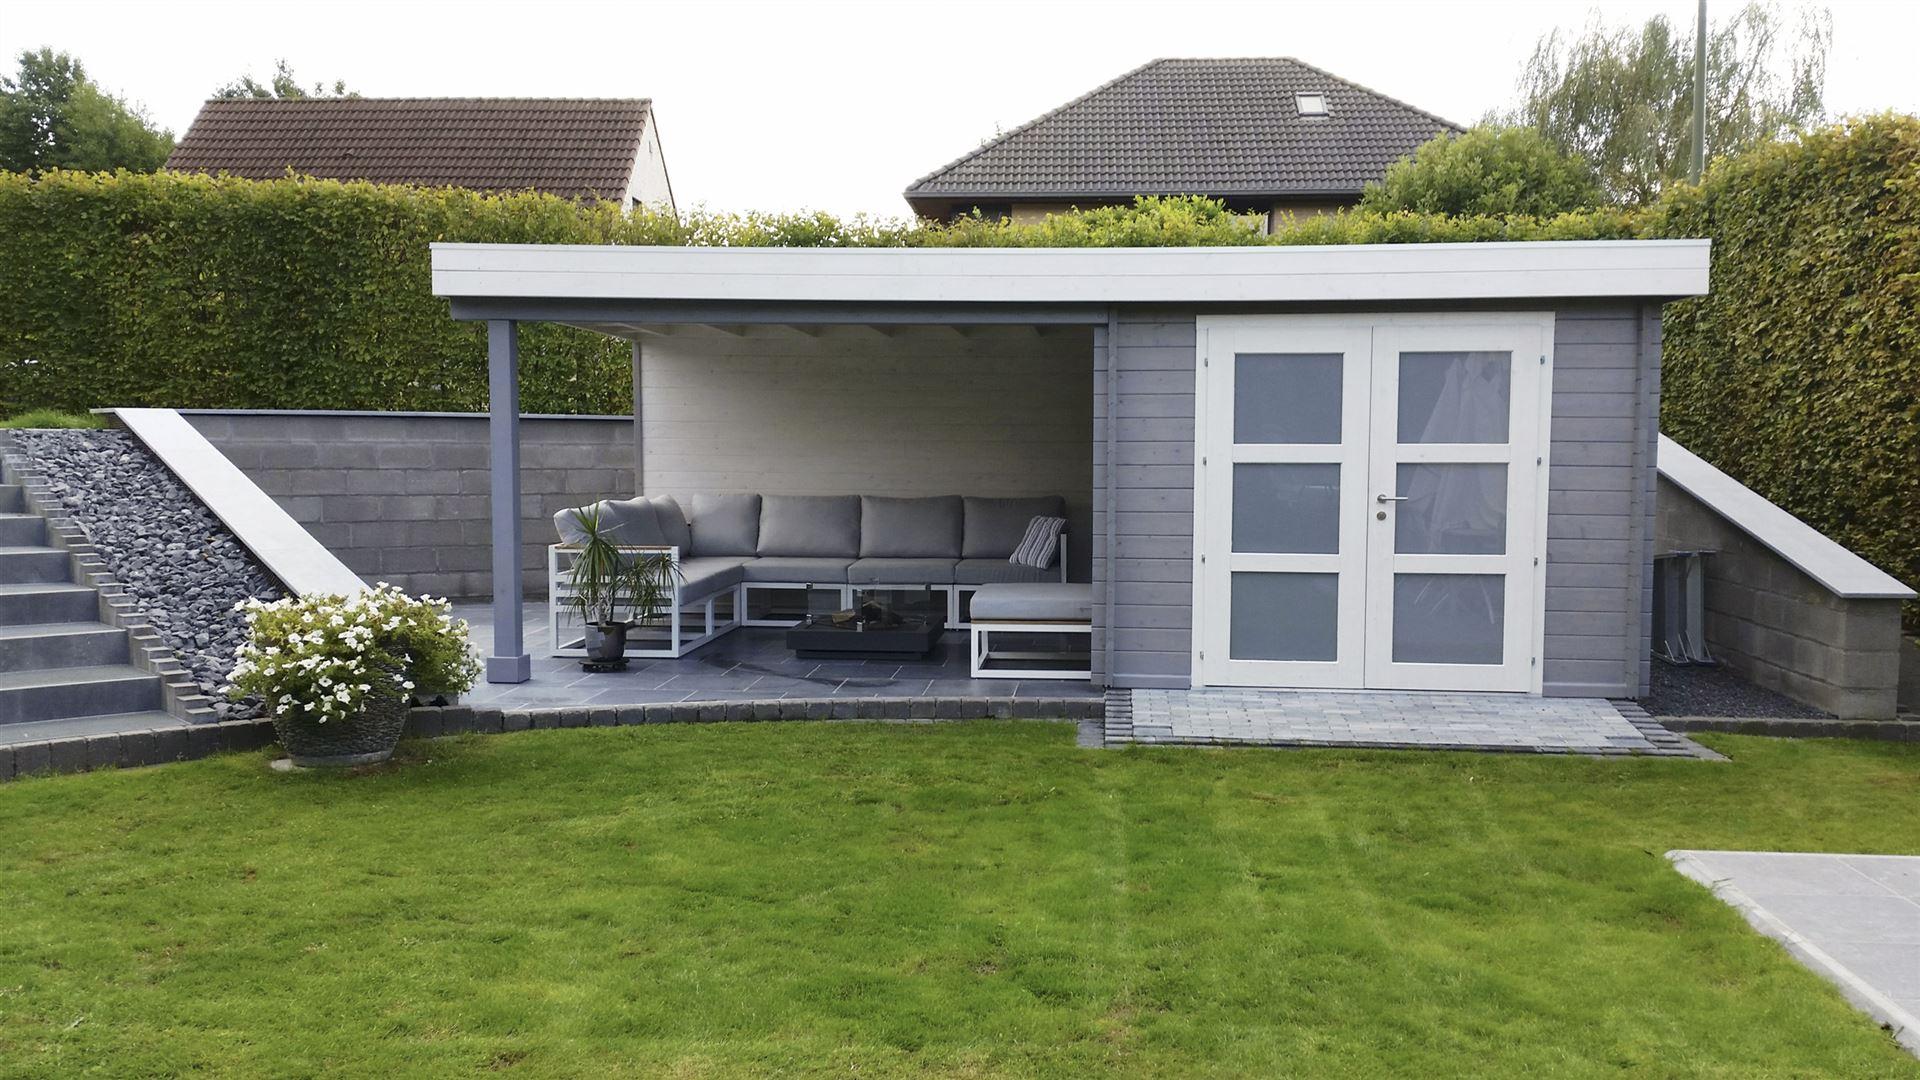 Blokwood Het Resultaat Tuinhuis Cottage Terrasoverkapping